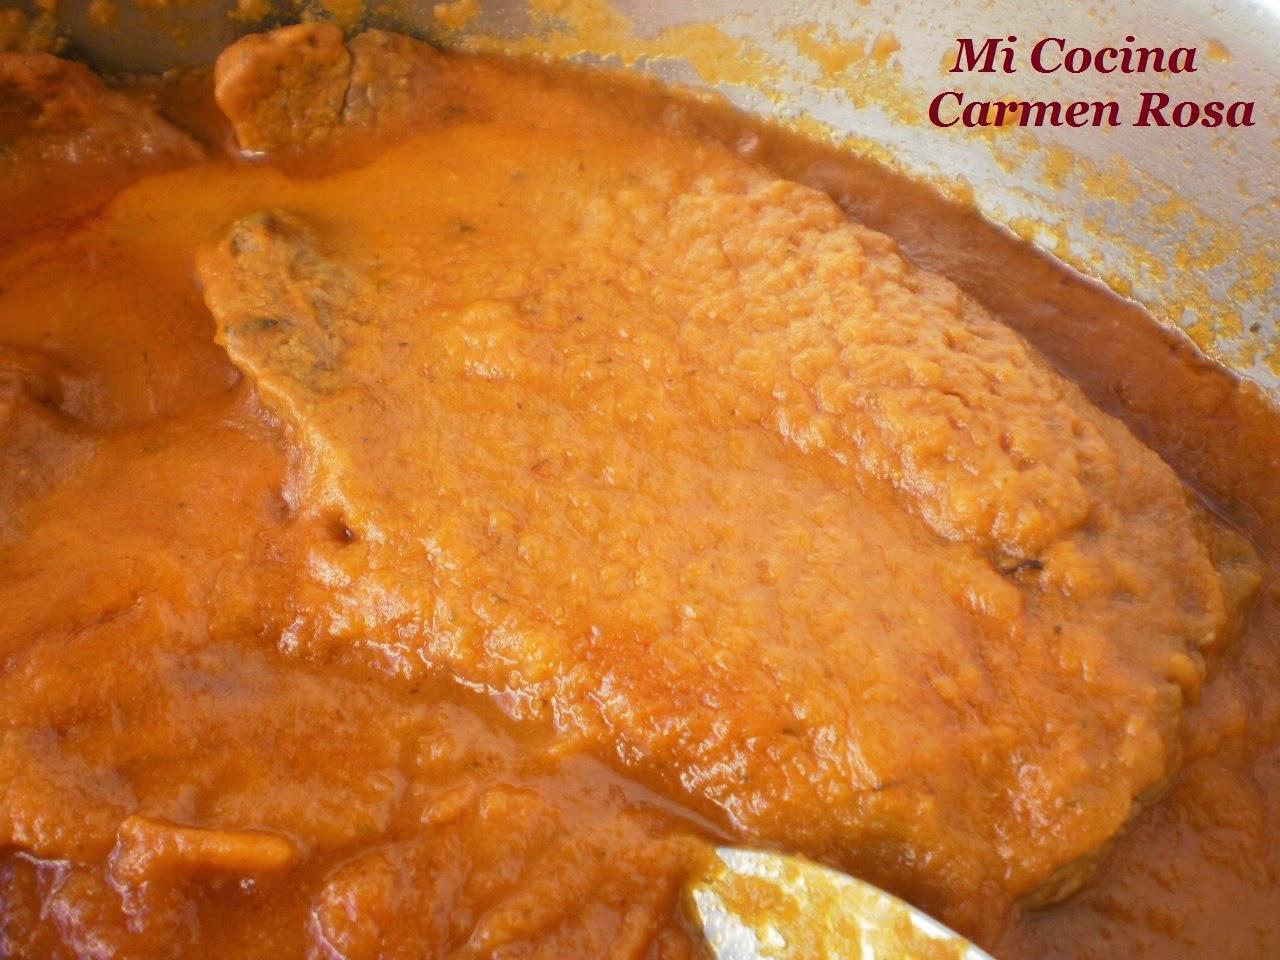 Mi cocina filete de ternera en salsa de zanahoria - Filetes de ternera en salsa de cebolla ...